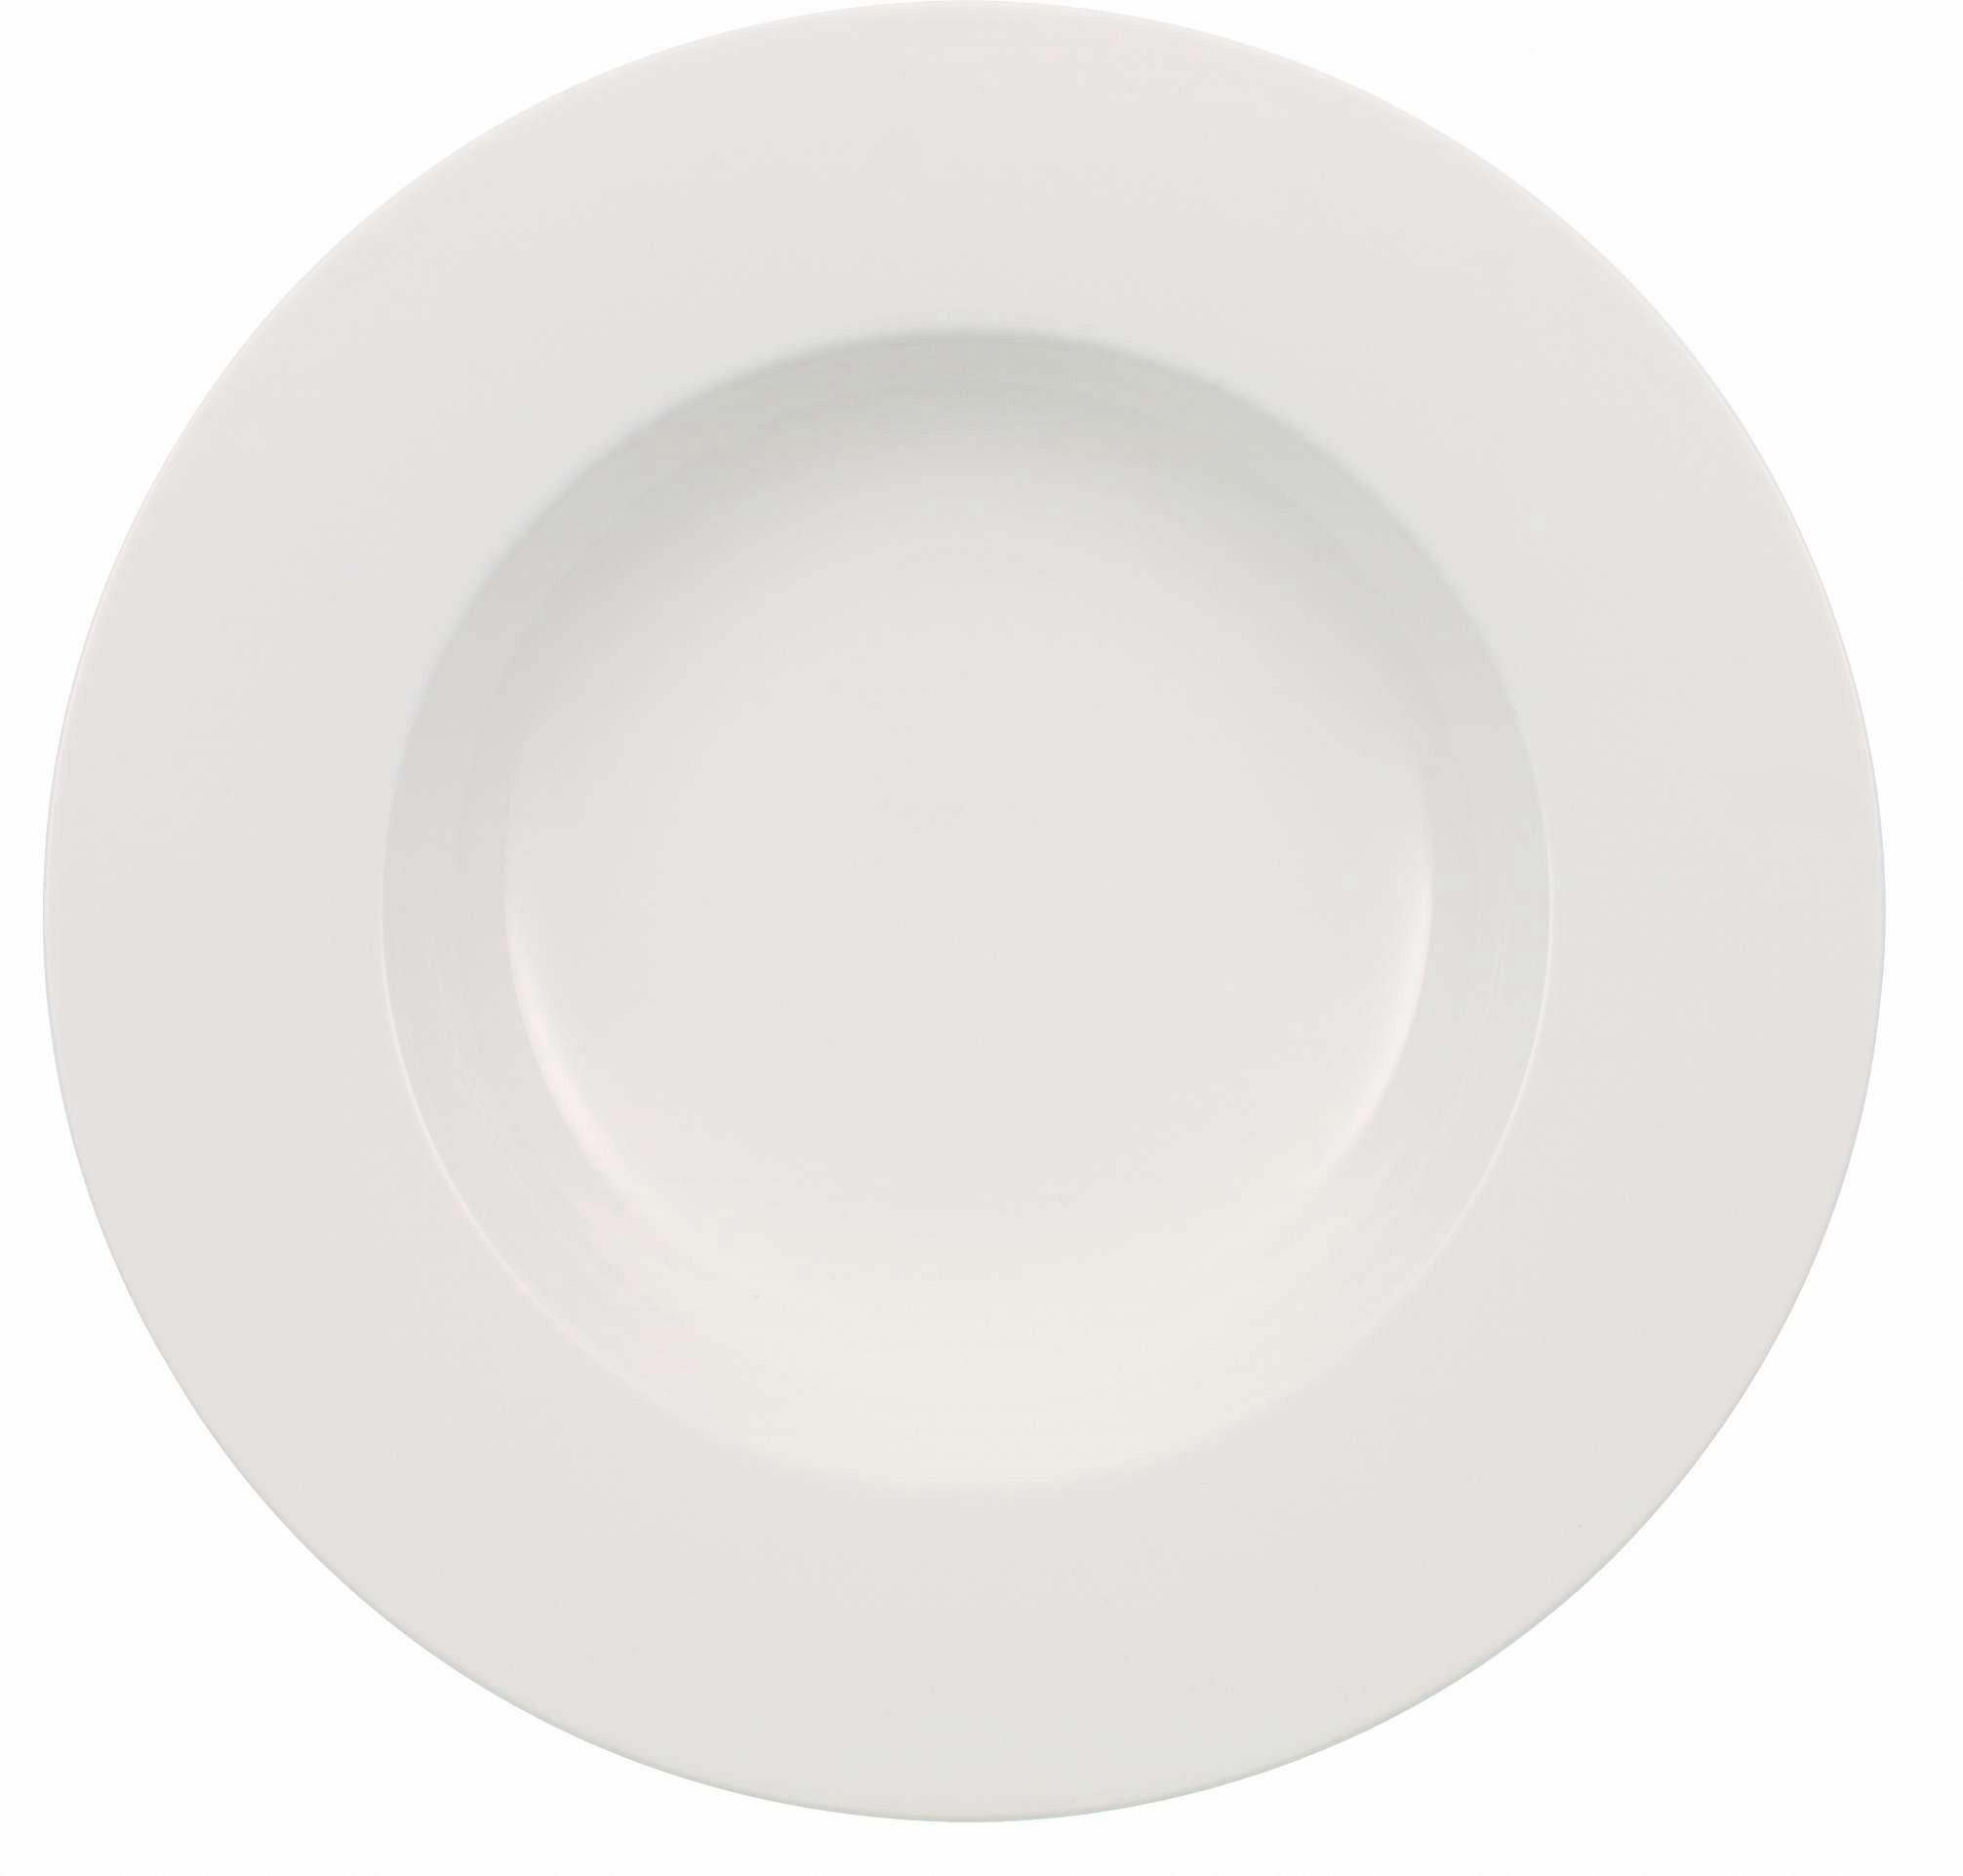 Villeroy & Boch Suppenteller, Premium-Porzellan, 6-teilig, »Wonderful World White«